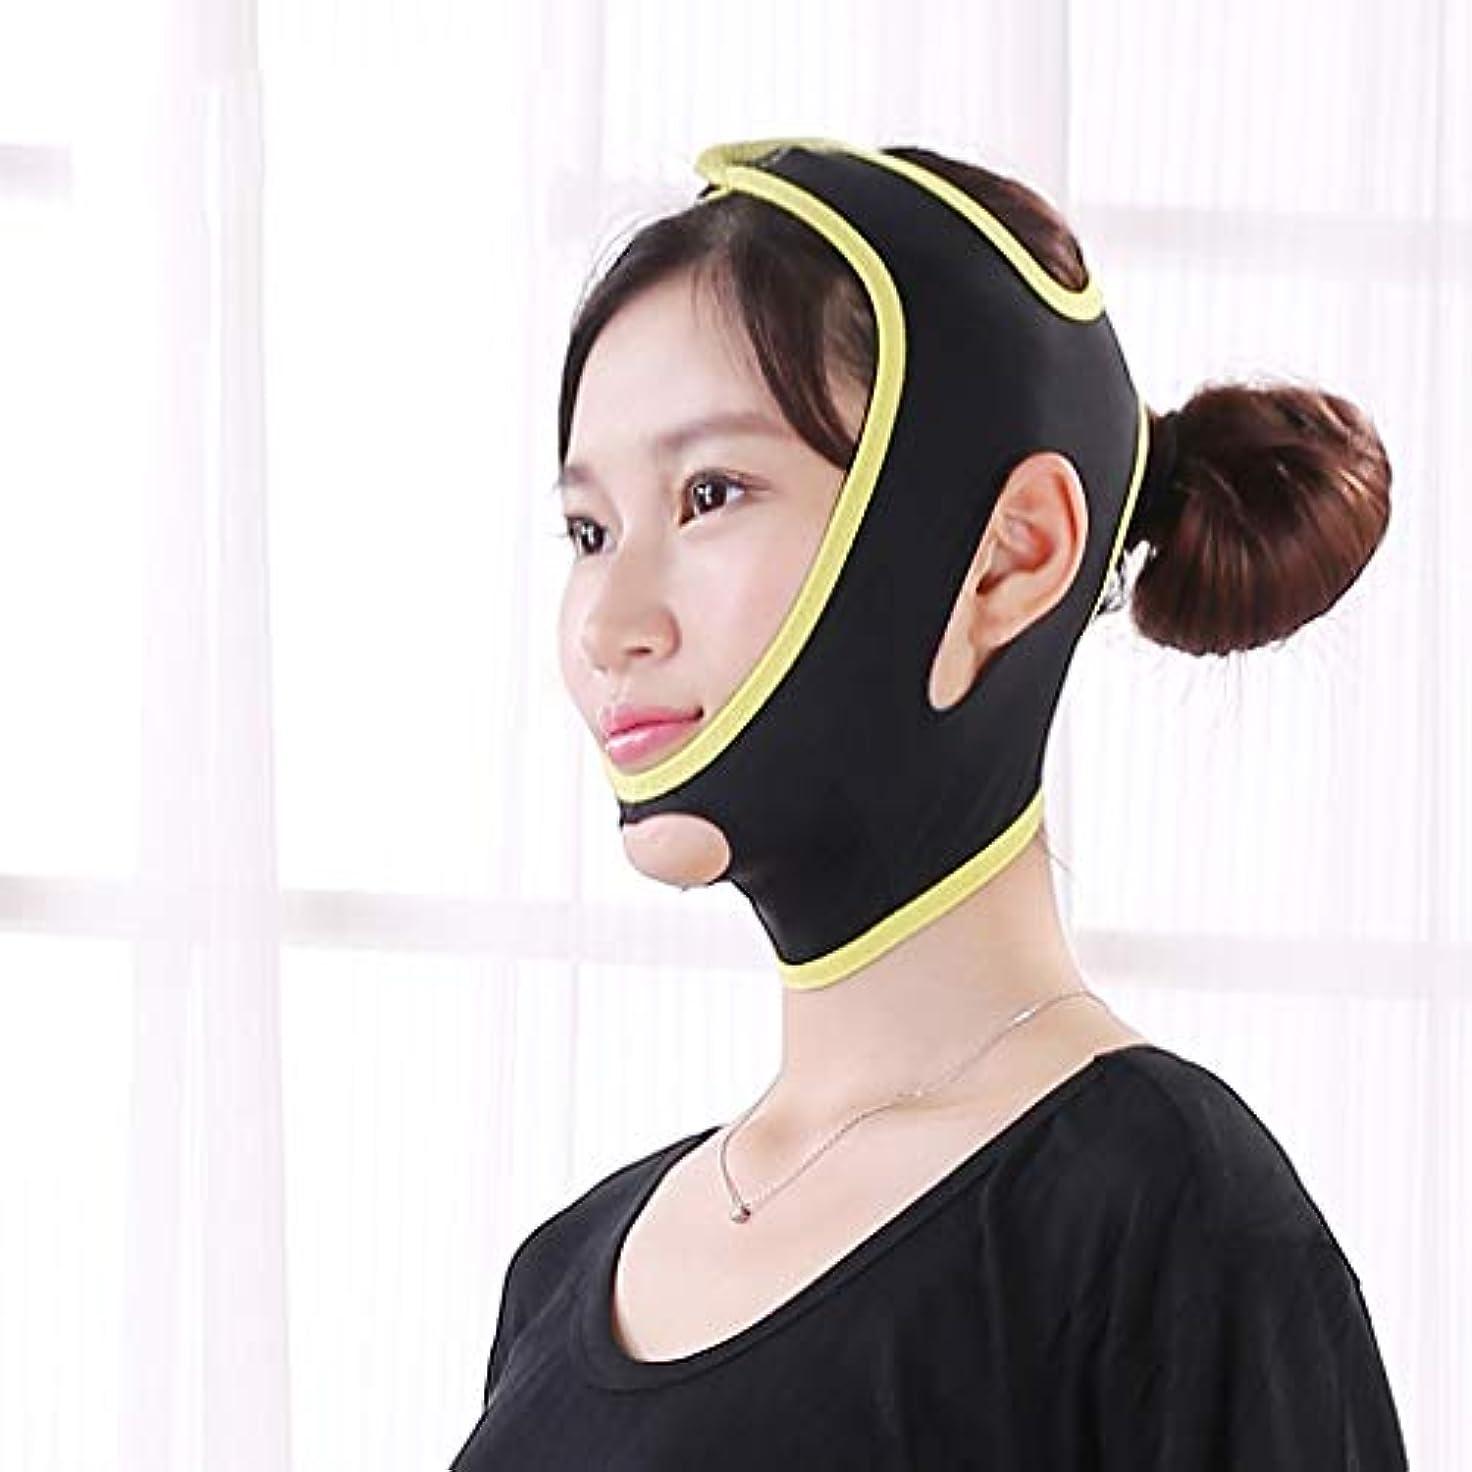 シェルター練習したサーキュレーション顔のバンデージVフェイスリフティングダブルチン小さな顔のシェイピングベルト薄いマテリアルマスク